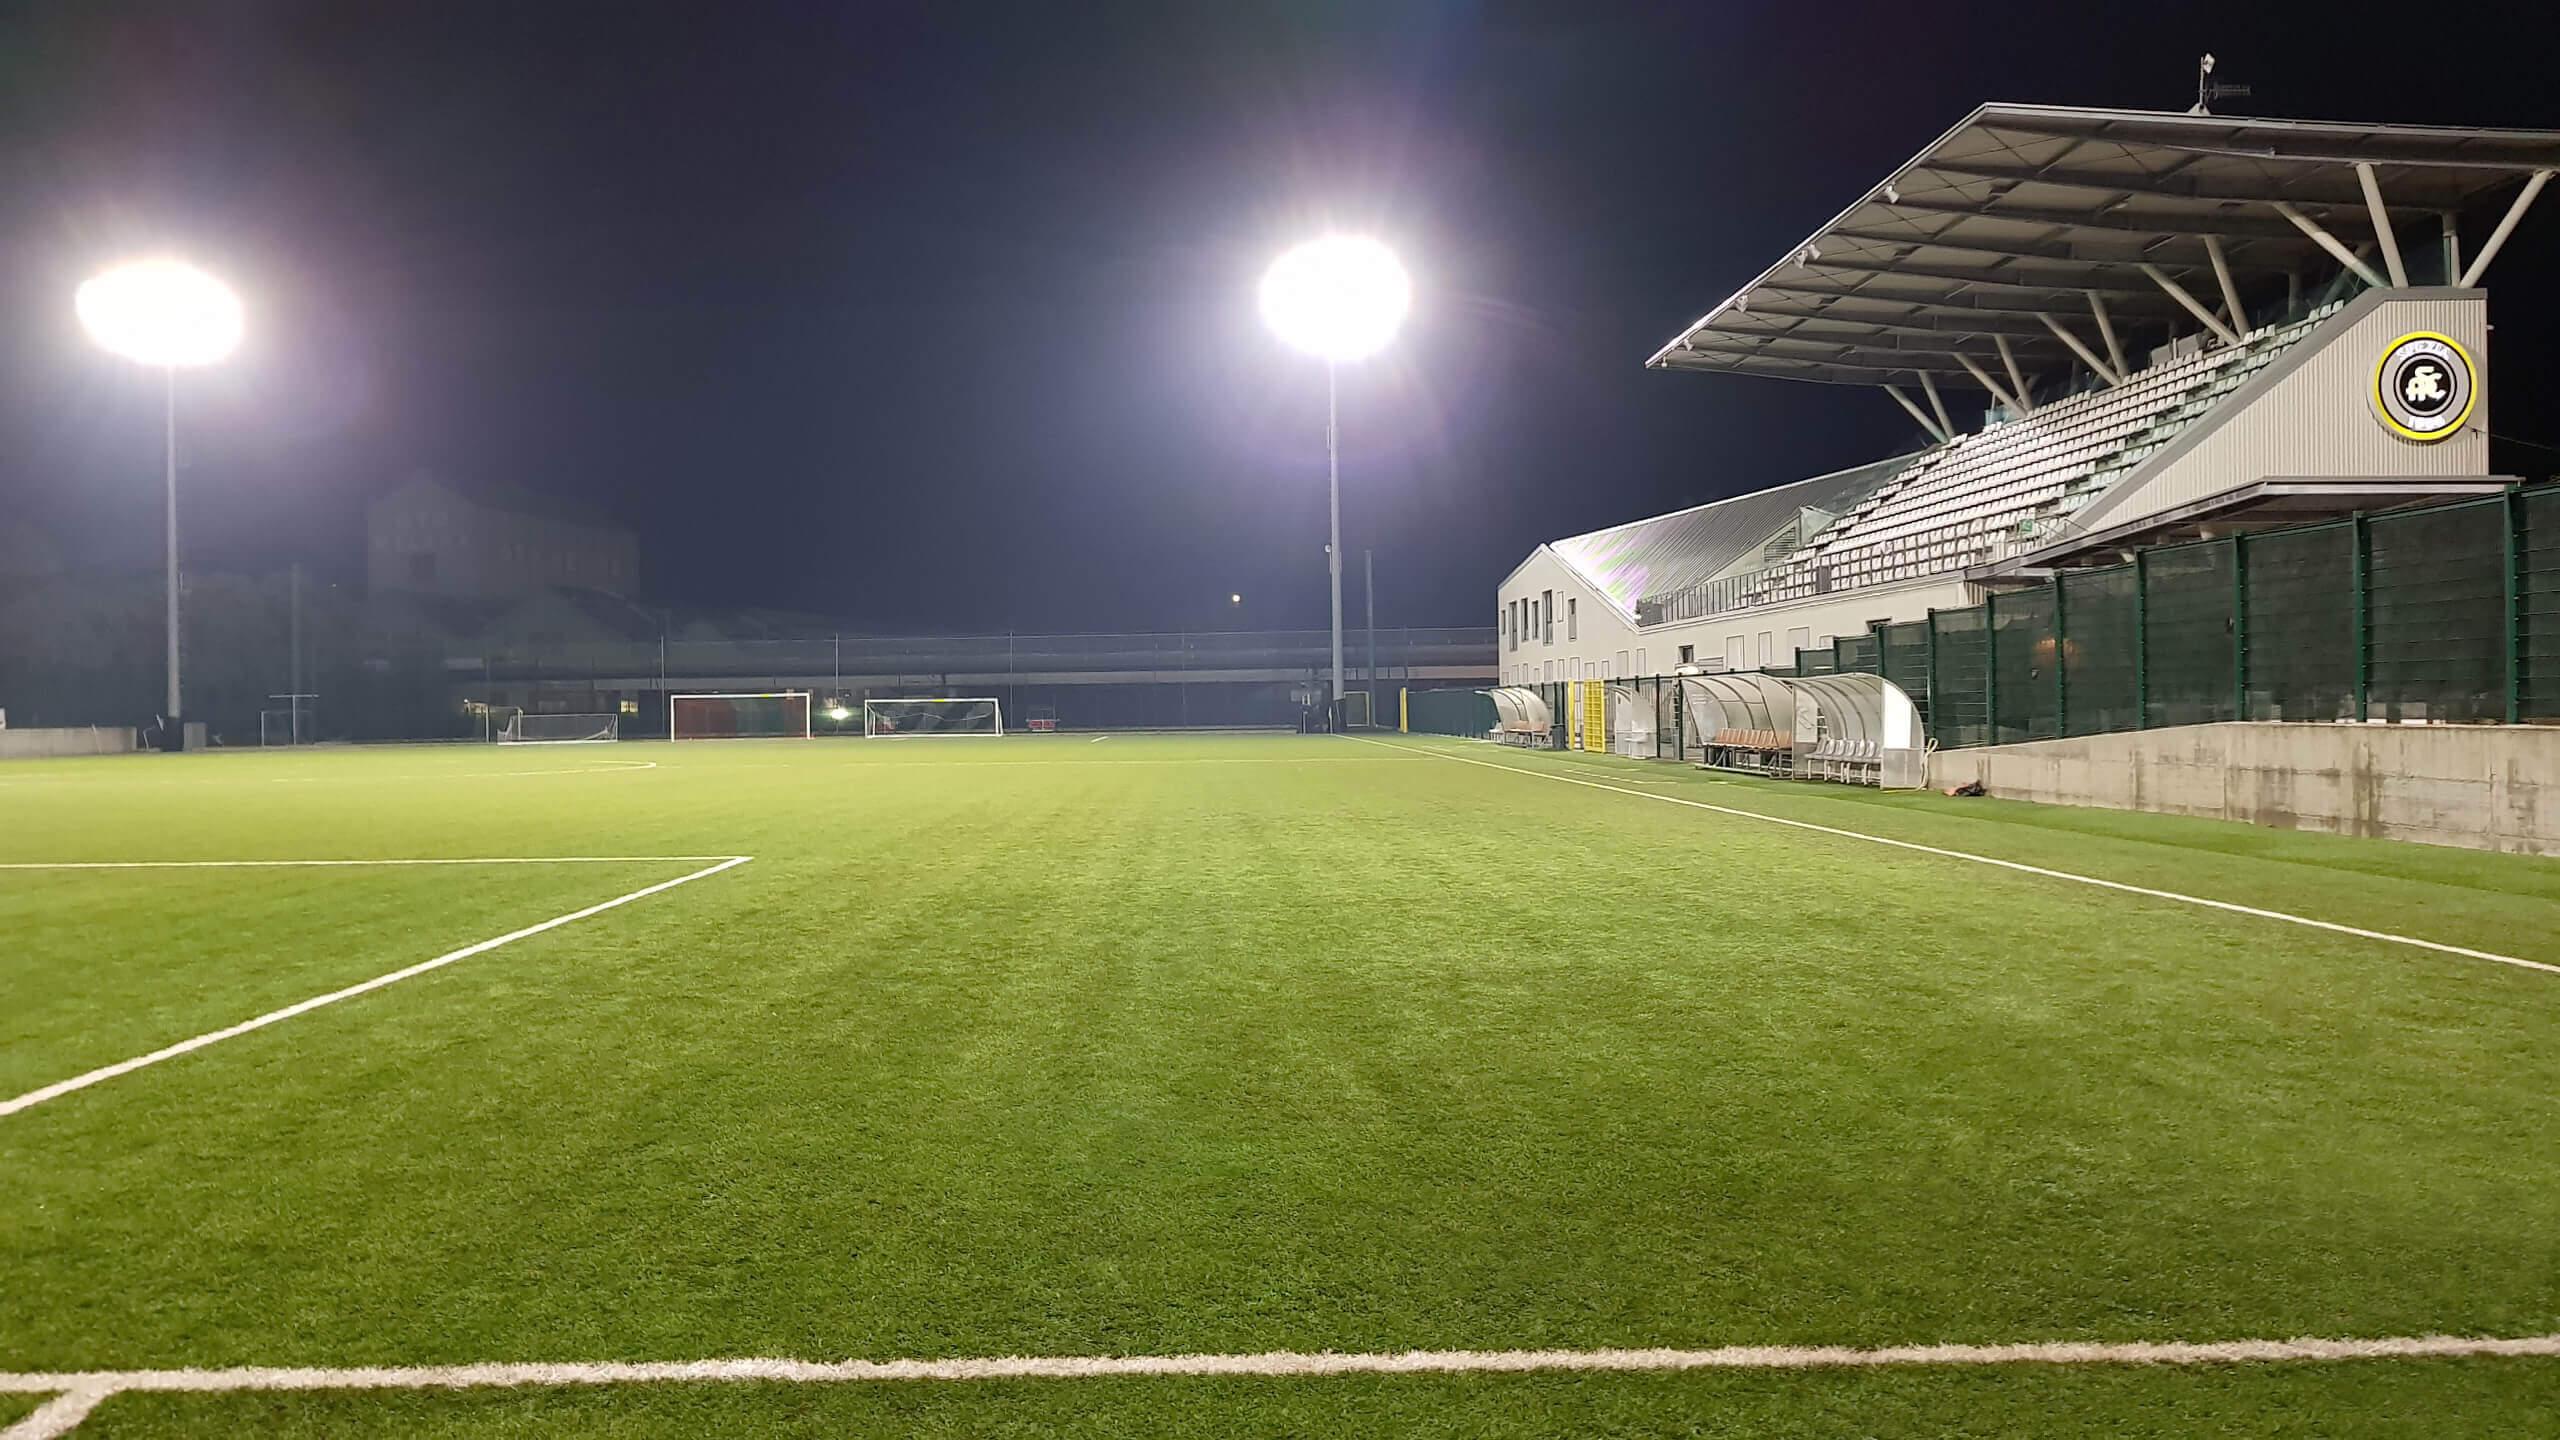 Centro-sportivo-ferdeghini-spezia-calcio-3